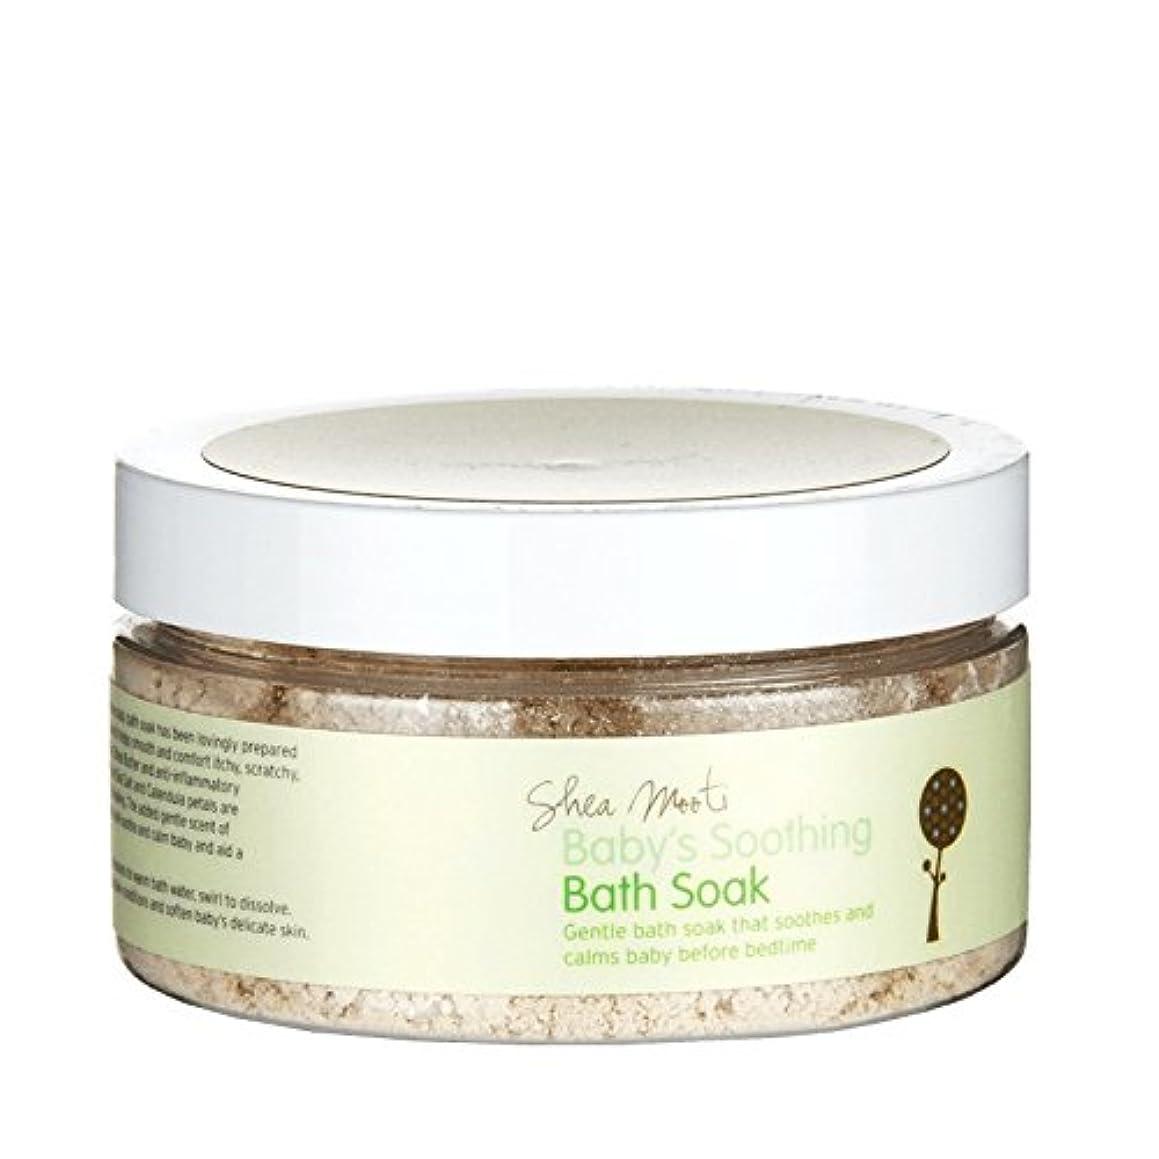 スプーンアルファベット順指導するShea Mooti Baby's Soothing Bath Soak 130g (Pack of 2) - シアバターMooti赤ちゃんの癒しのお風呂は、130グラムを浸し (x2) [並行輸入品]